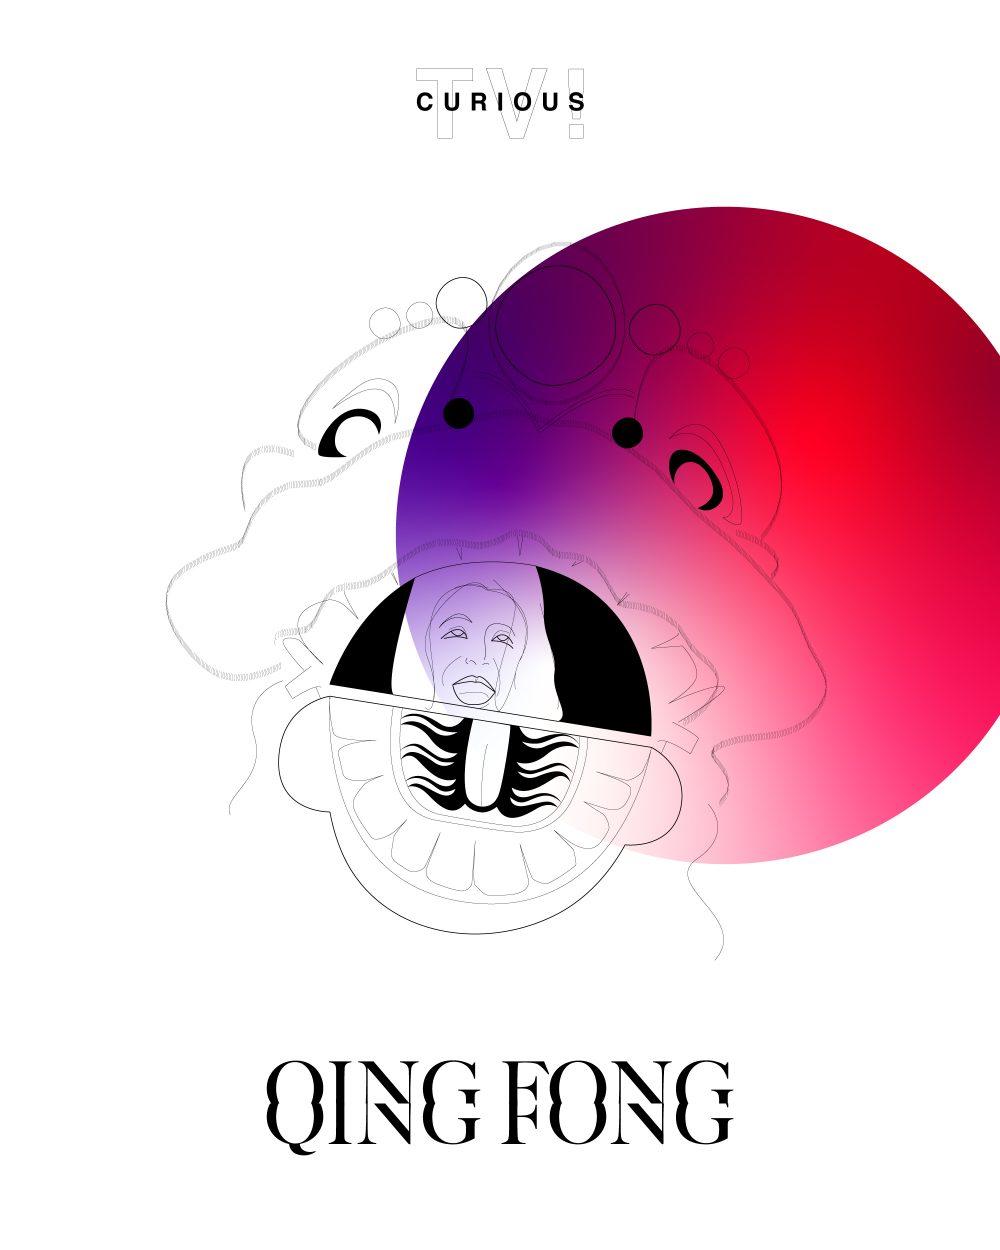 QING-FONG